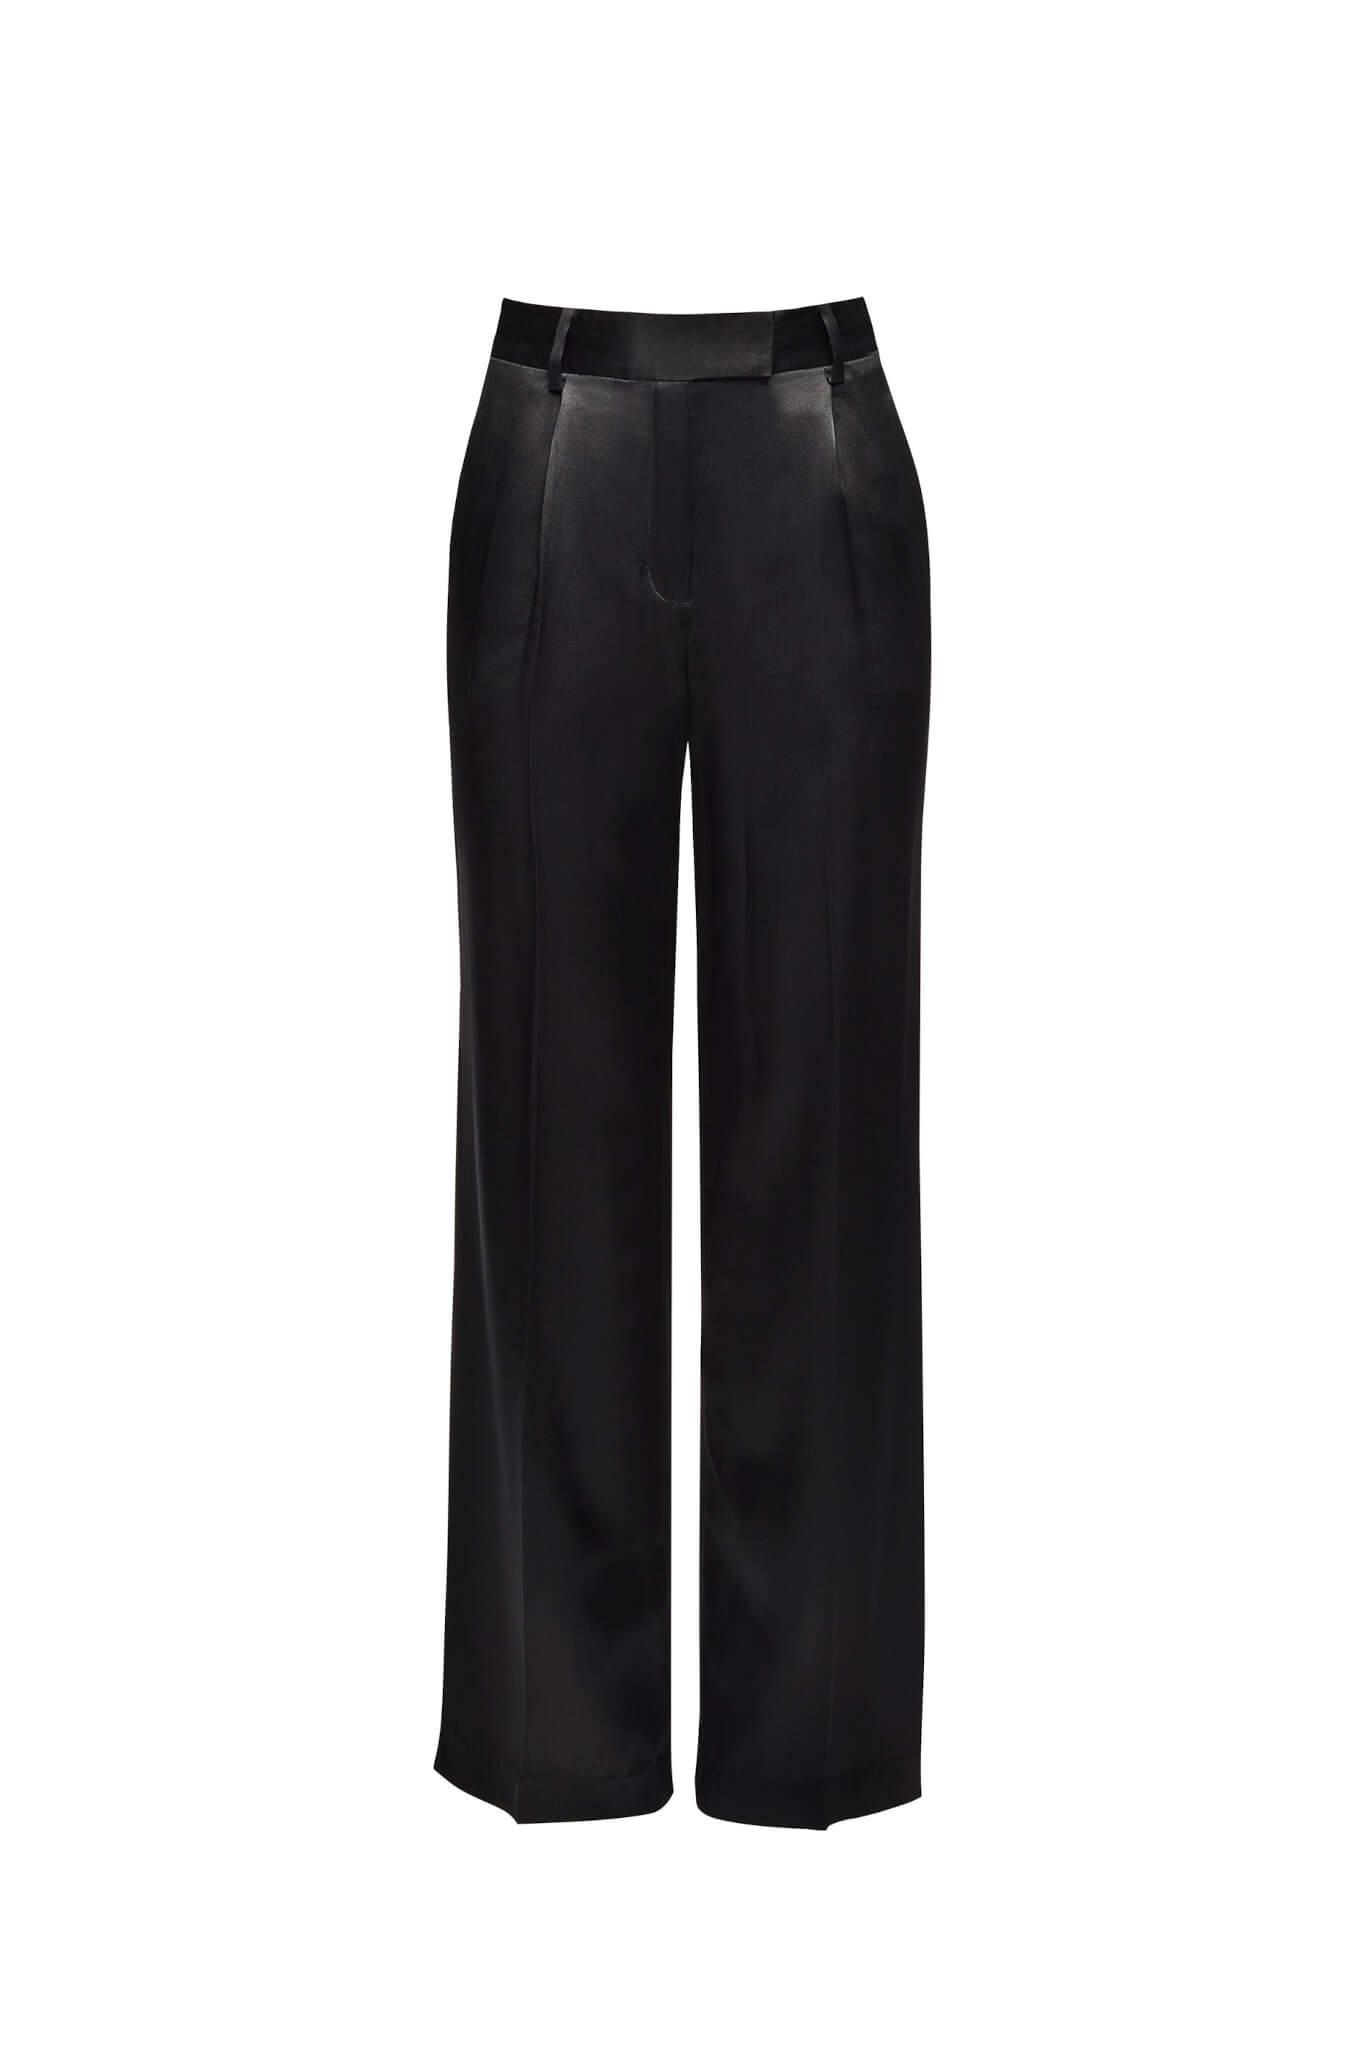 Jedwabne spodnie garniturowe czarne